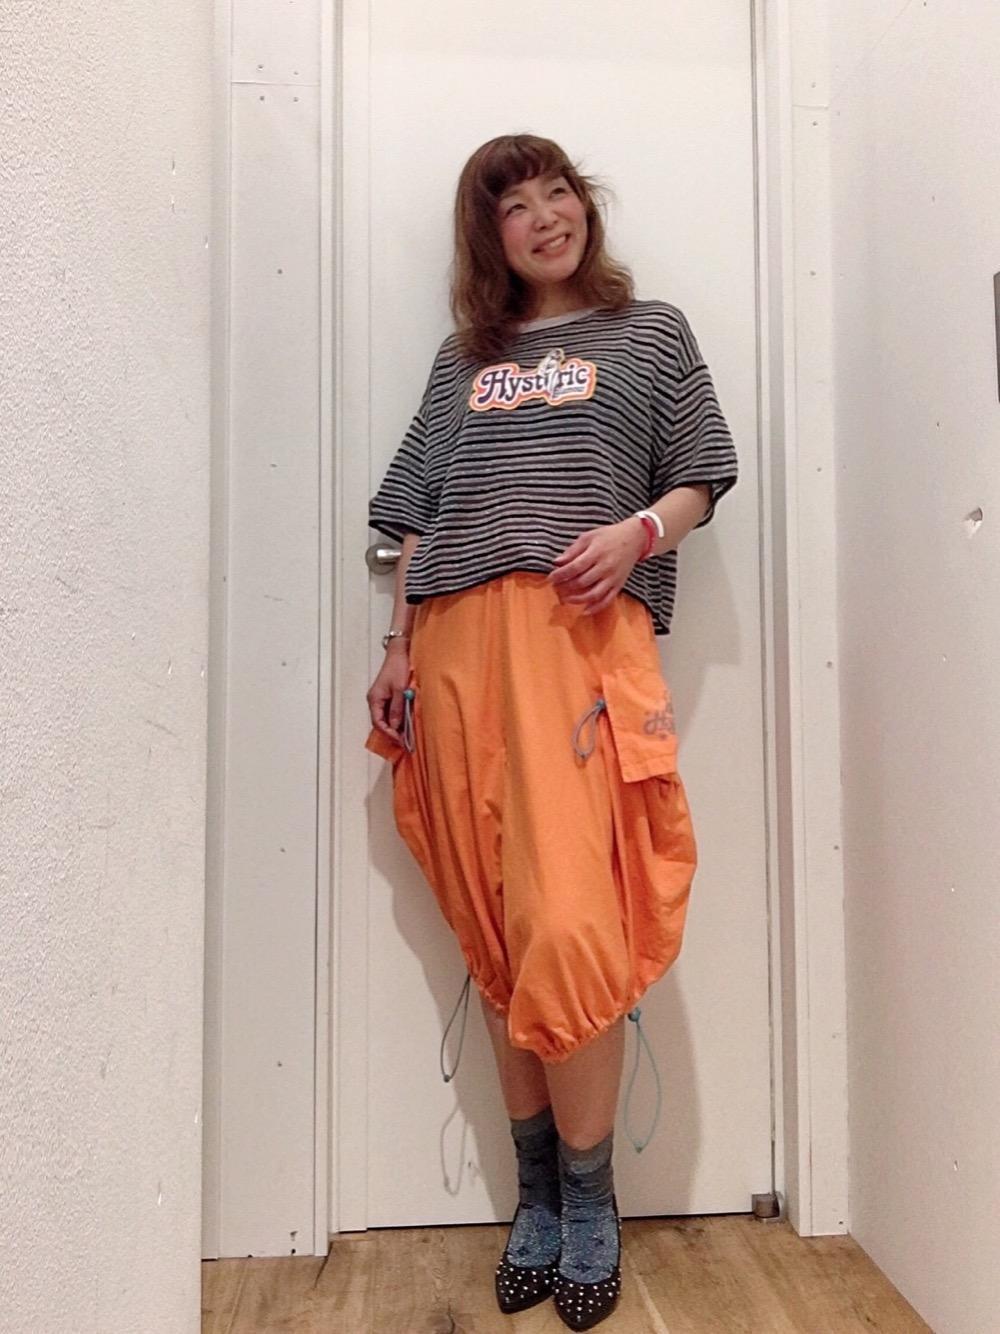 オレンジも可愛い^_^